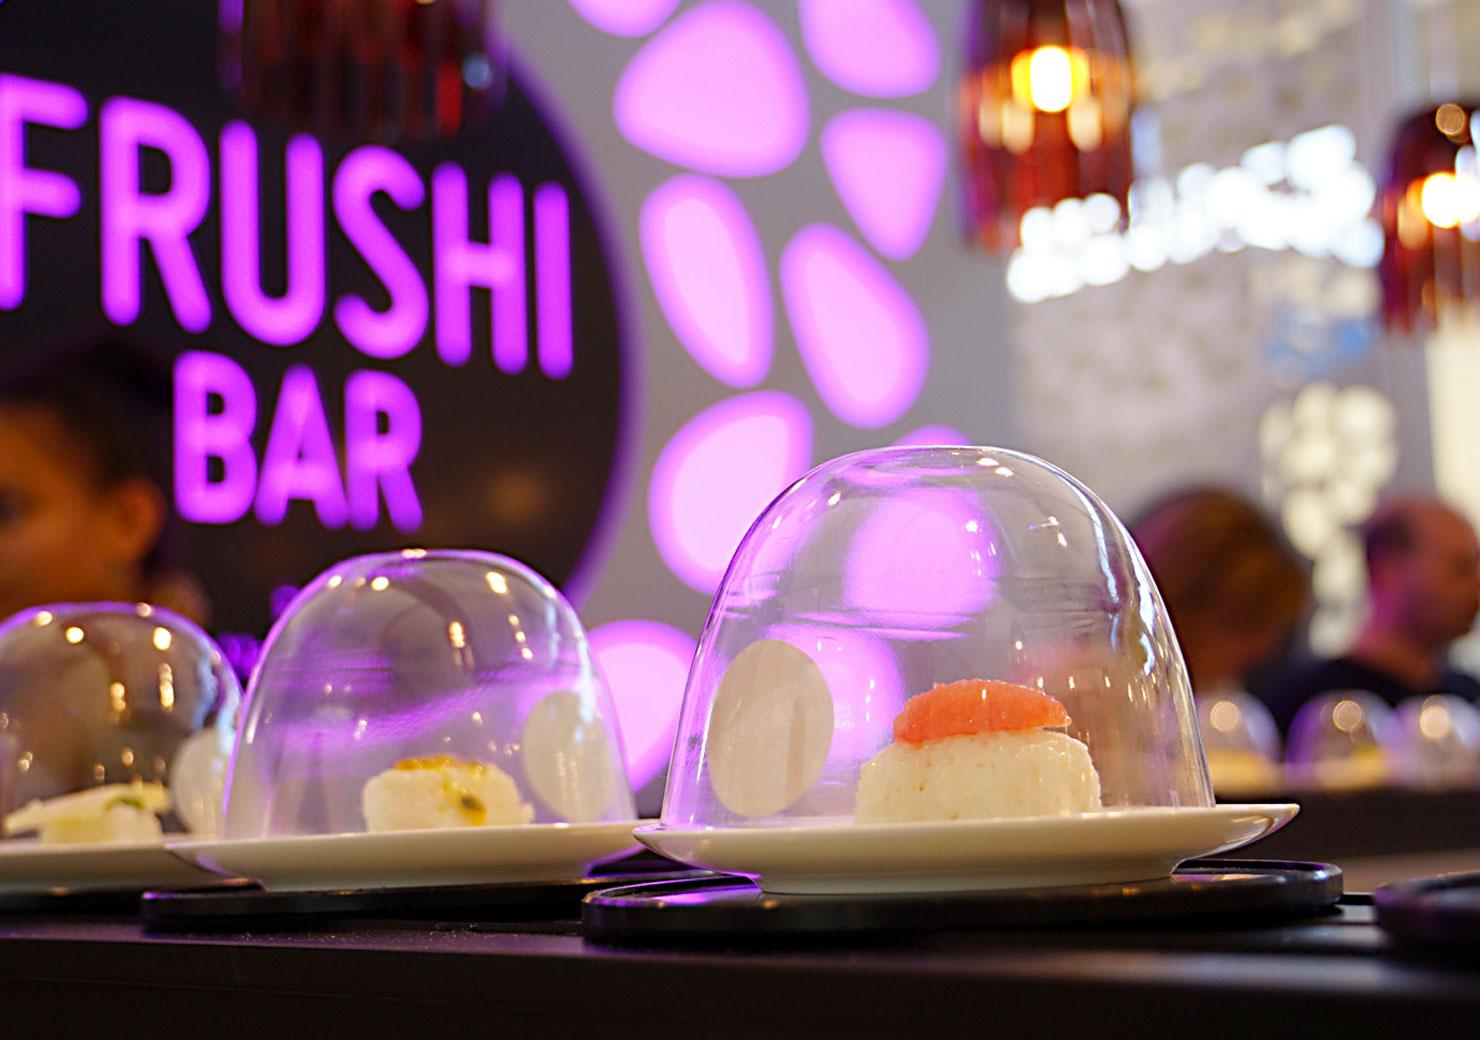 Sushi Konzept für eine Messe-Auftritt slide 5